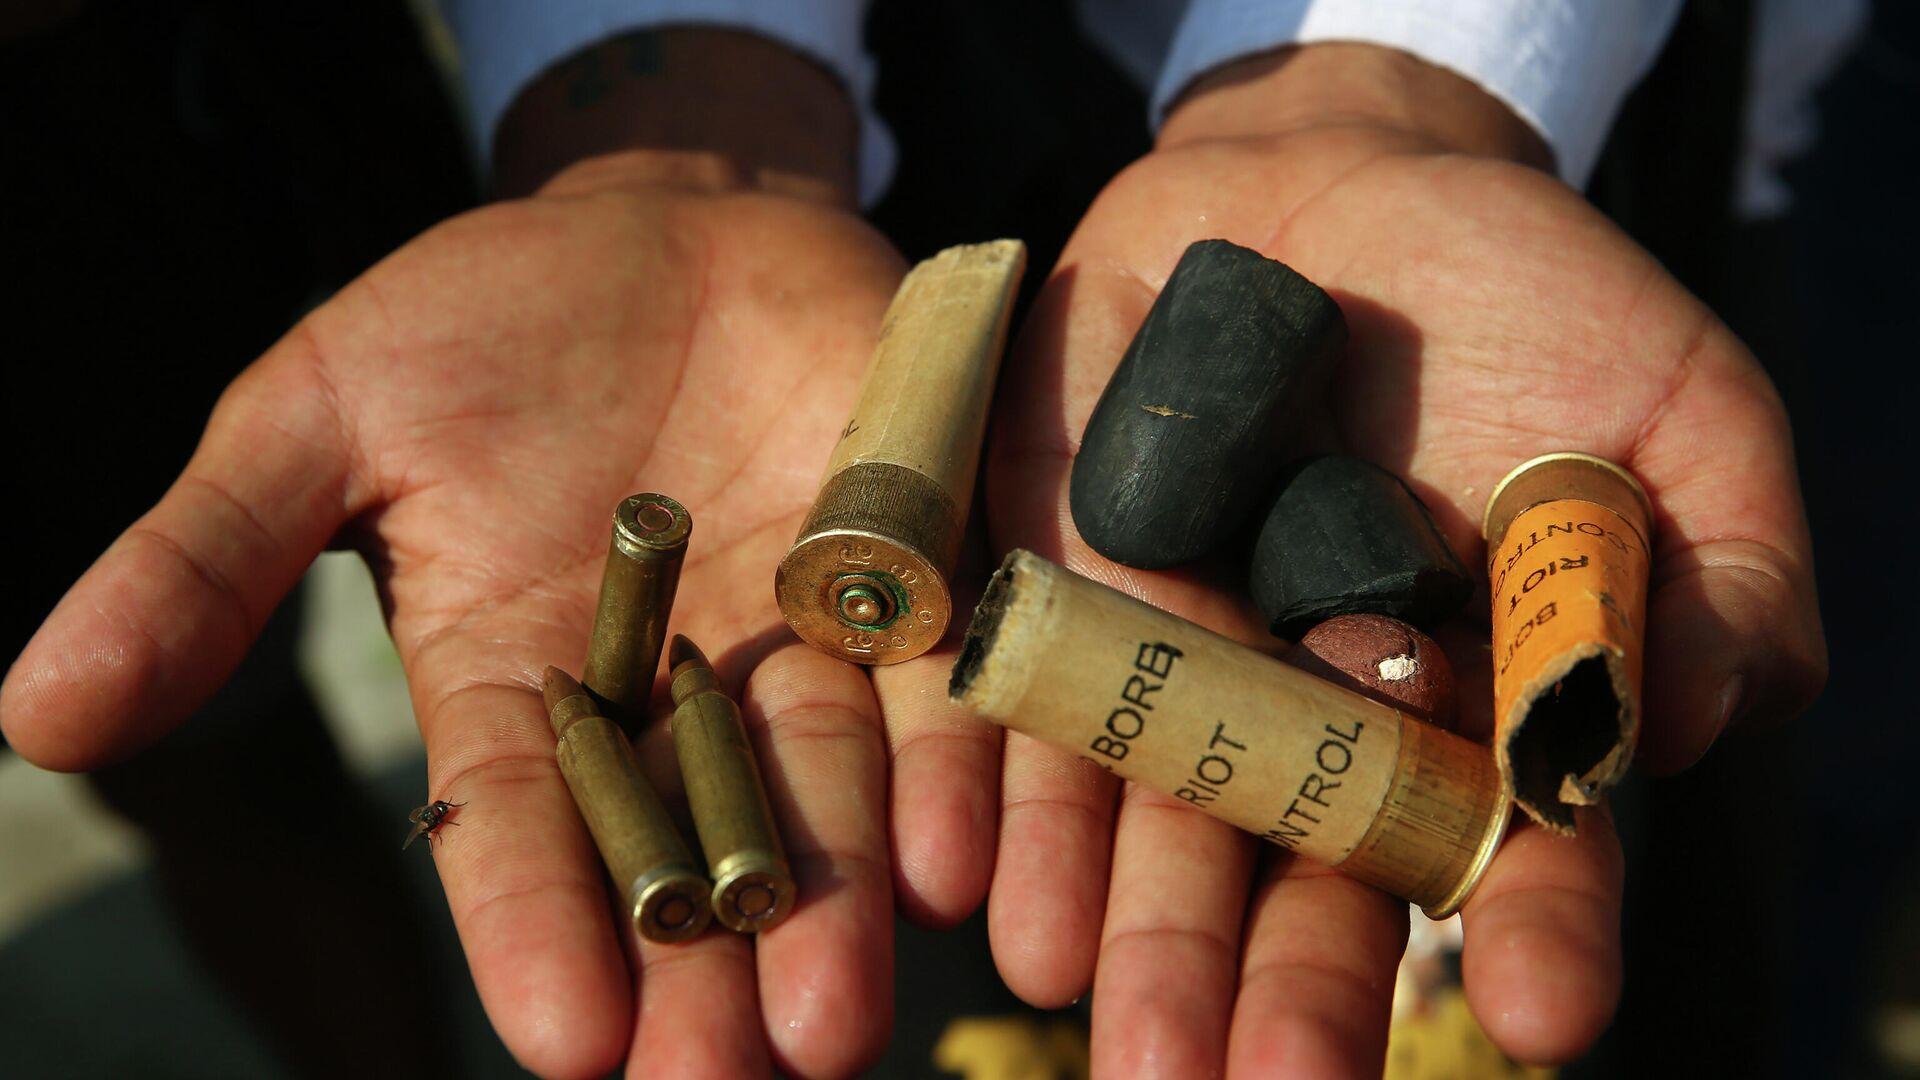 Las municiones que usaron las fuerzas de seguridad contra los manifestantes en Birmania - Sputnik Mundo, 1920, 28.02.2021